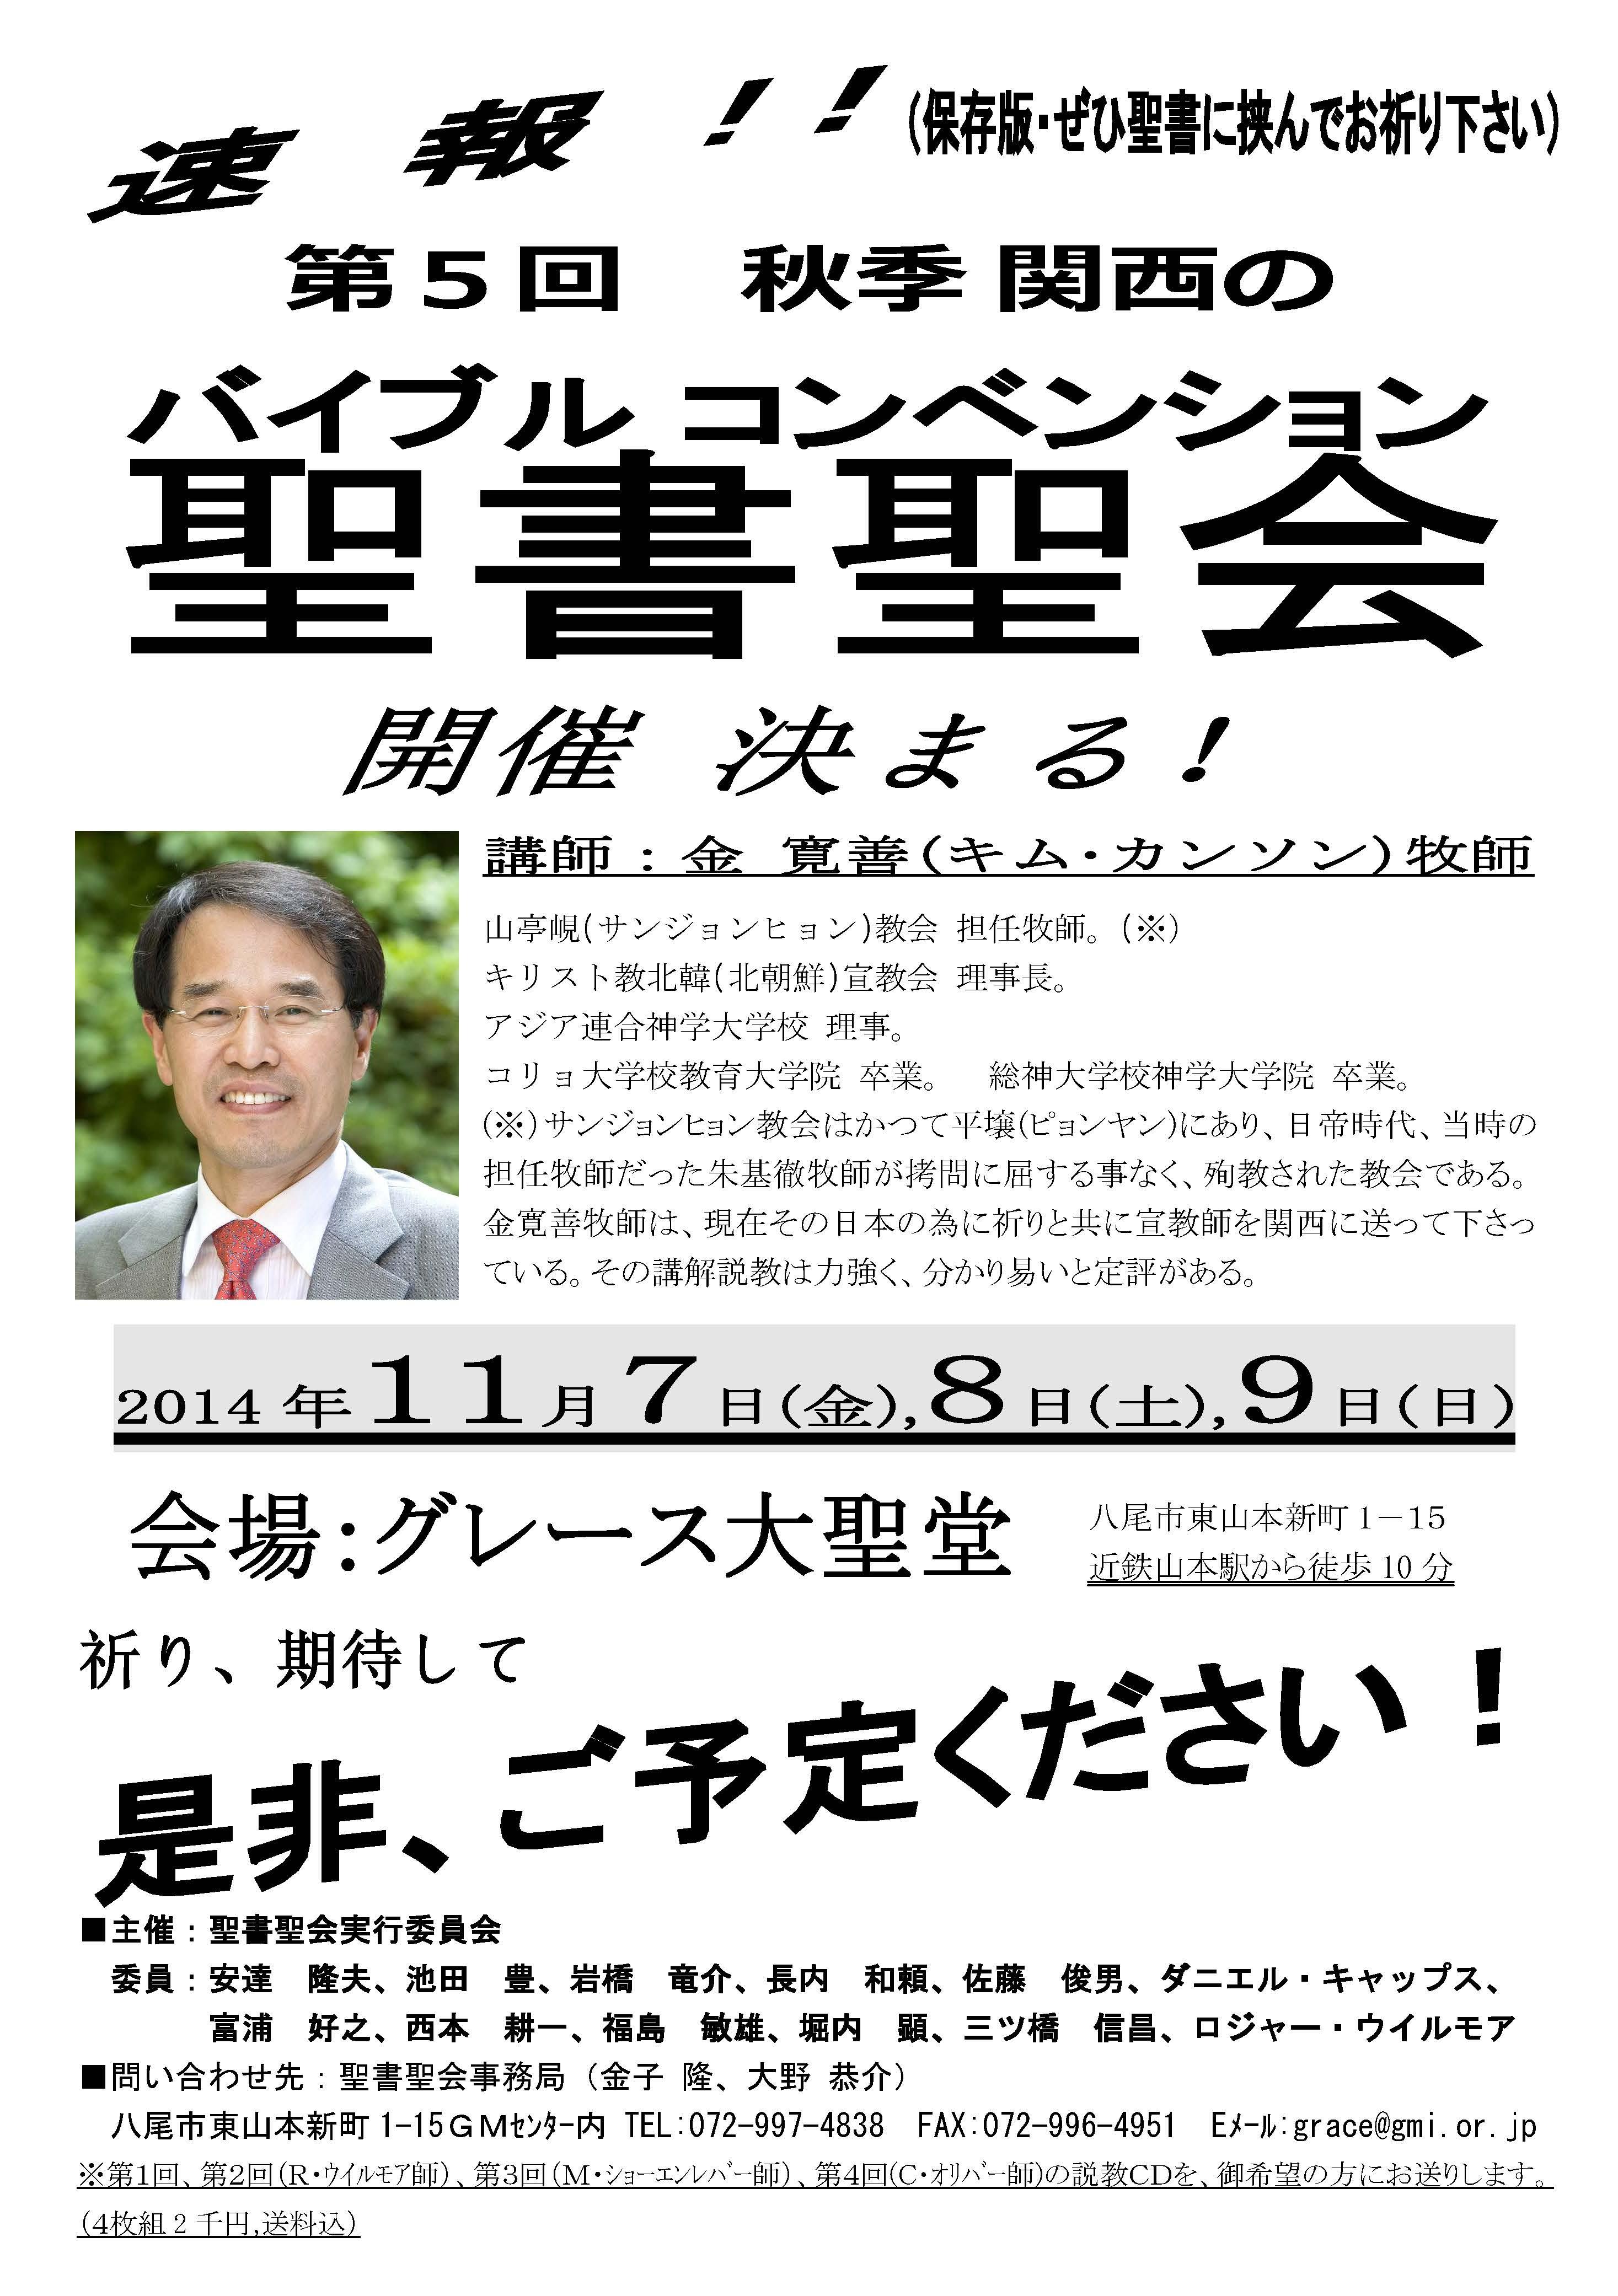 C__Users_Takashi_Desktop_速報第5回聖書聖会チラシ.jpg